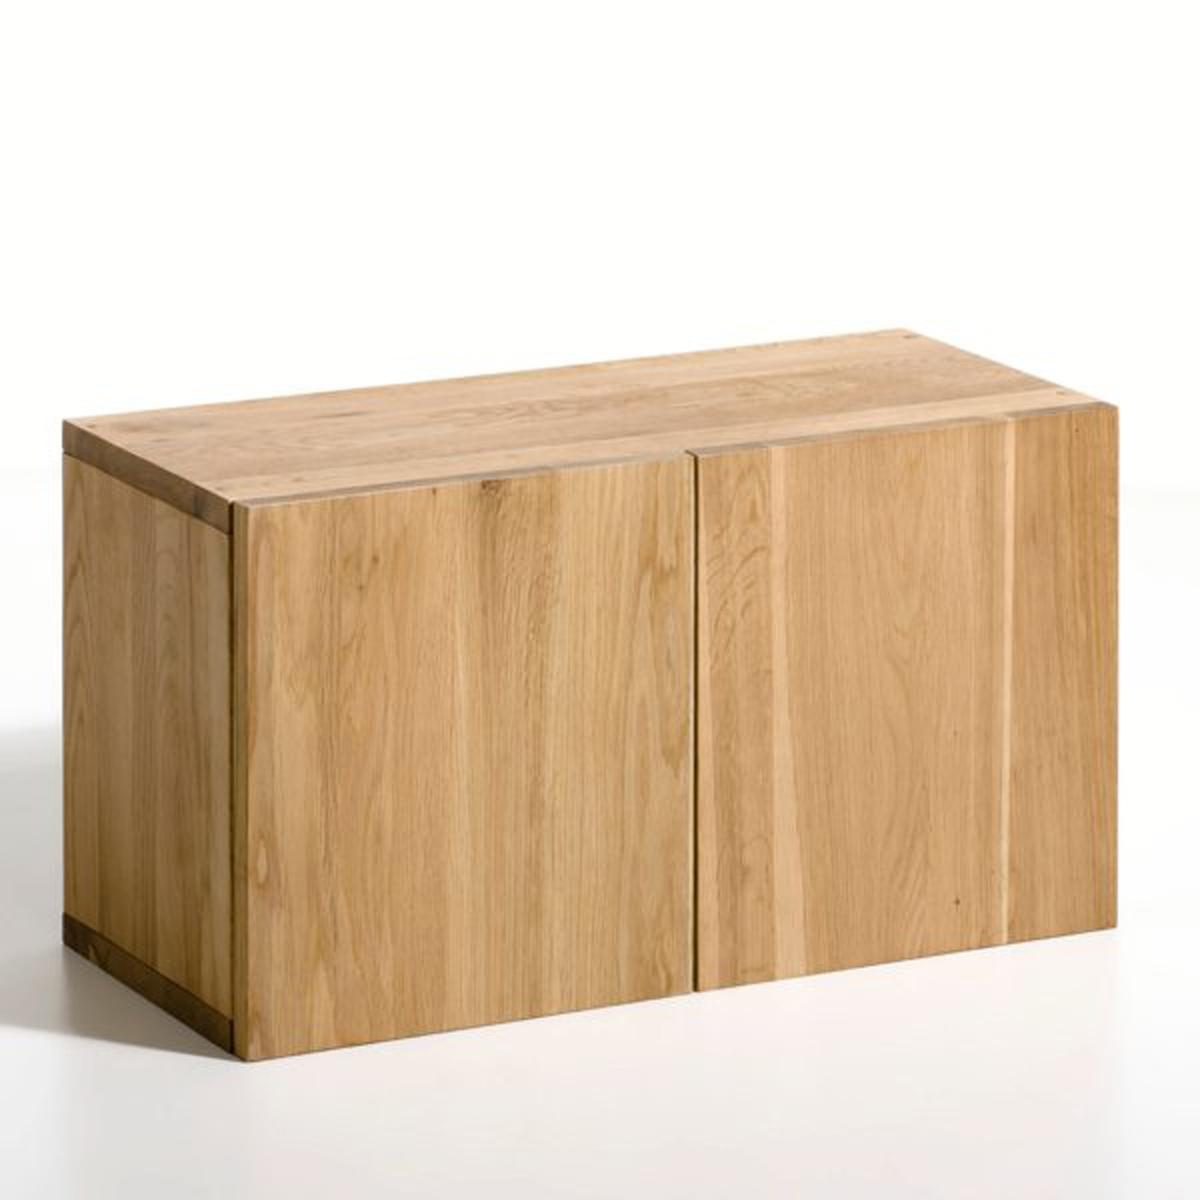 Ящик с 2 дверками длиной 60 см из массива дуба, Taktik